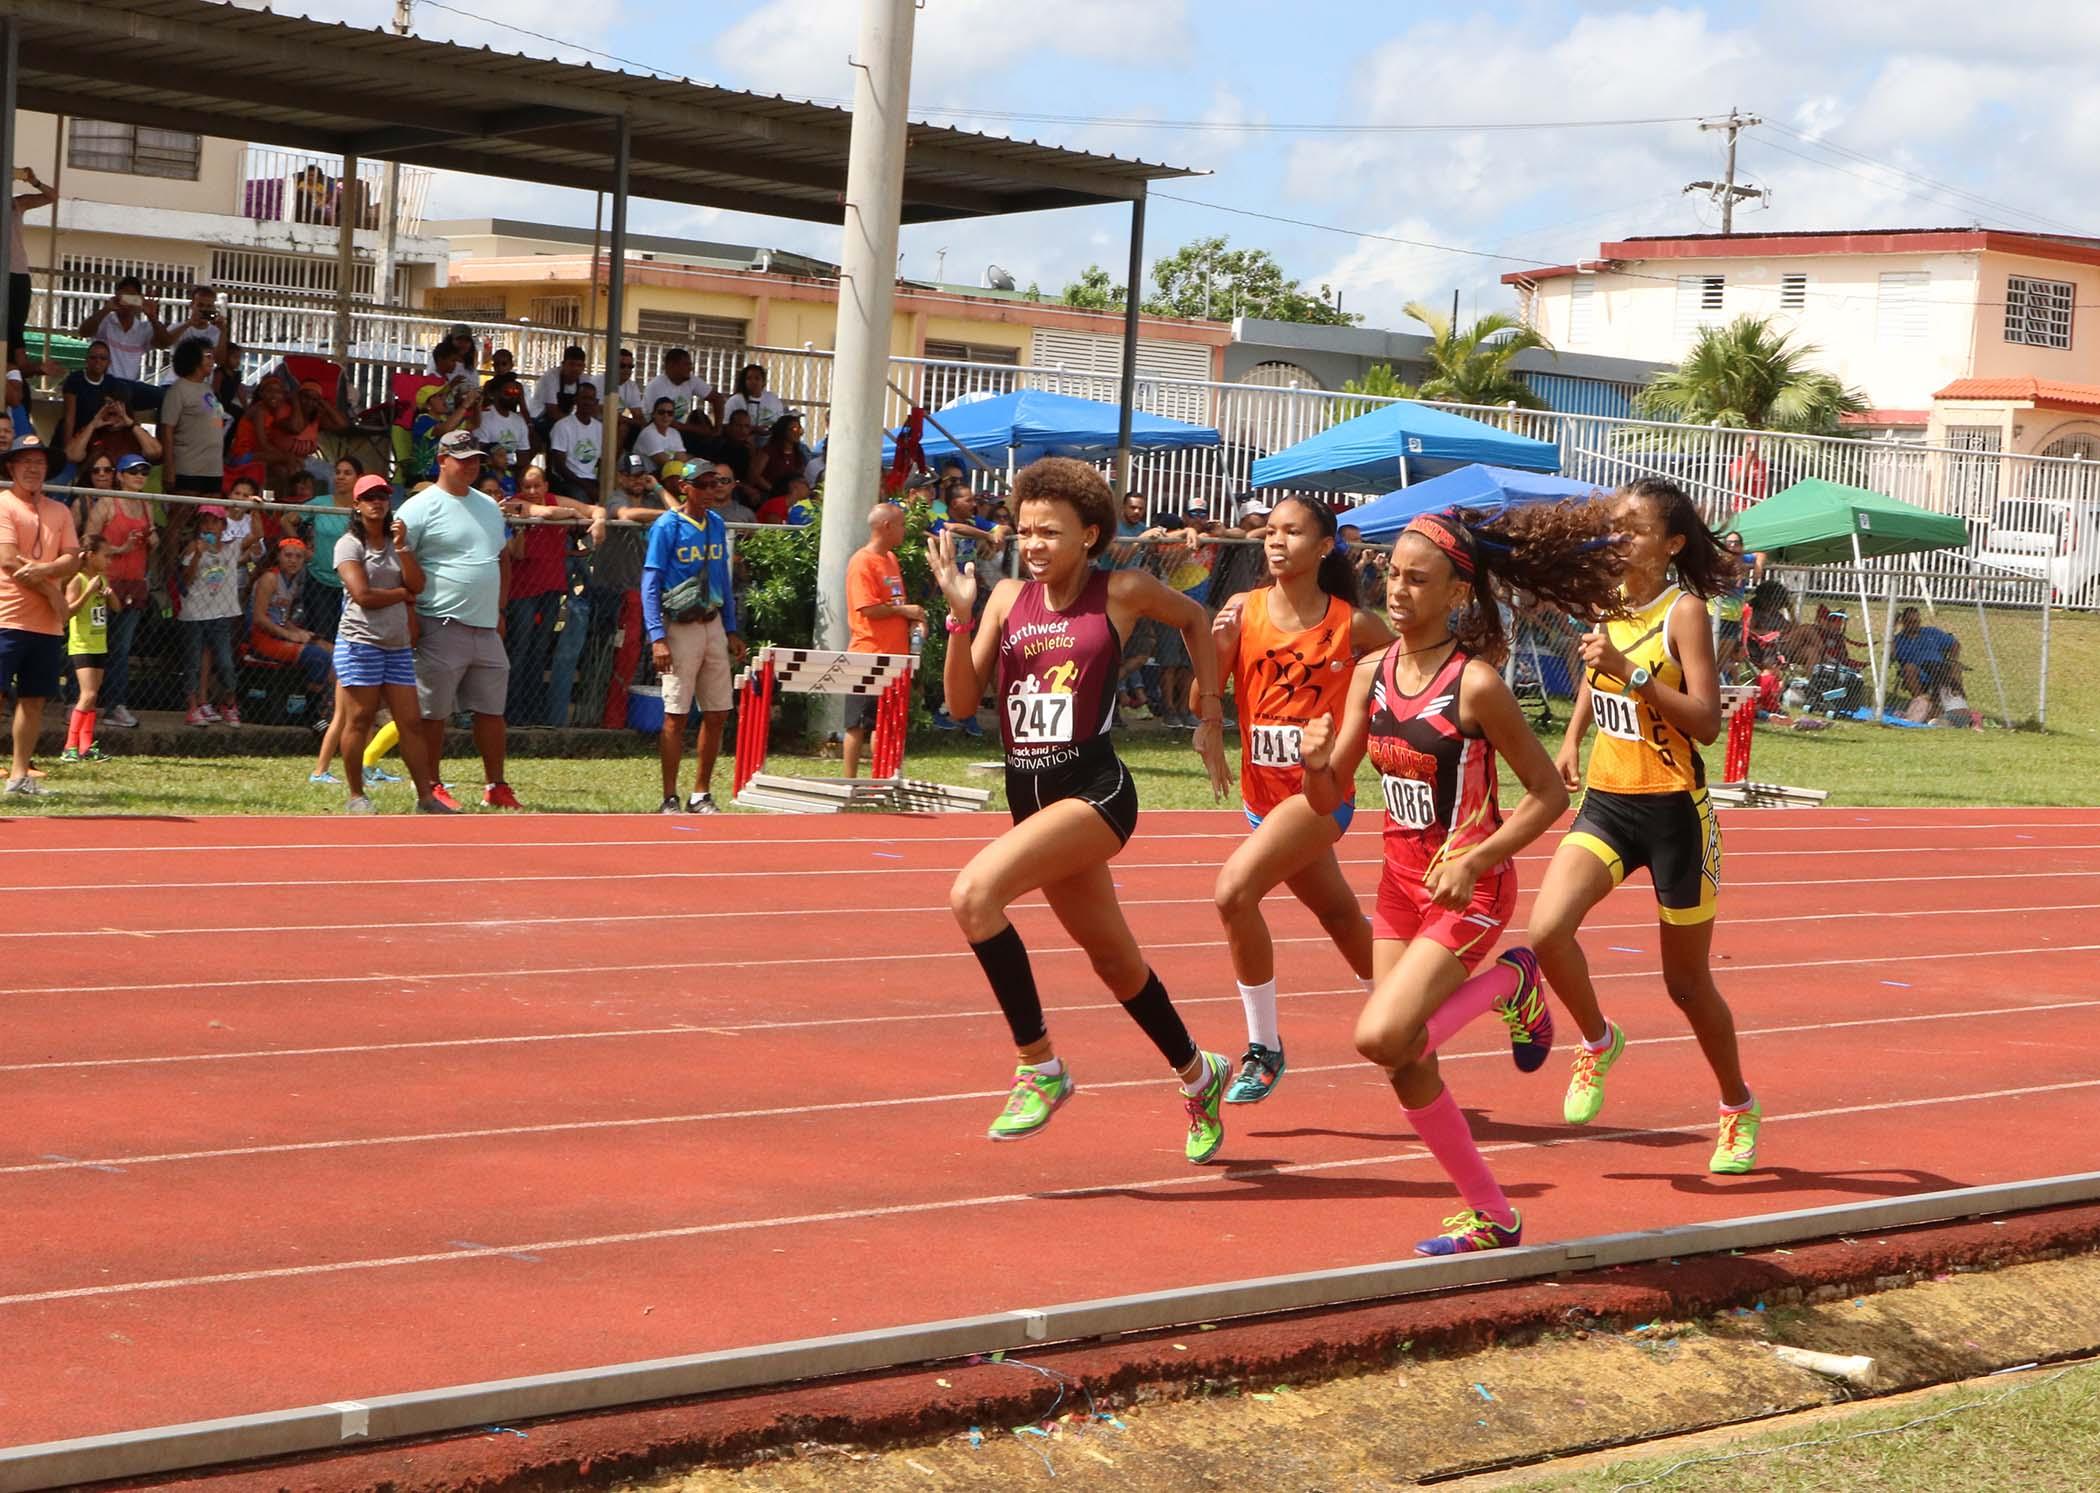 Campeonato-Infantil-Juv-Asoc-Atletismo-PR-44